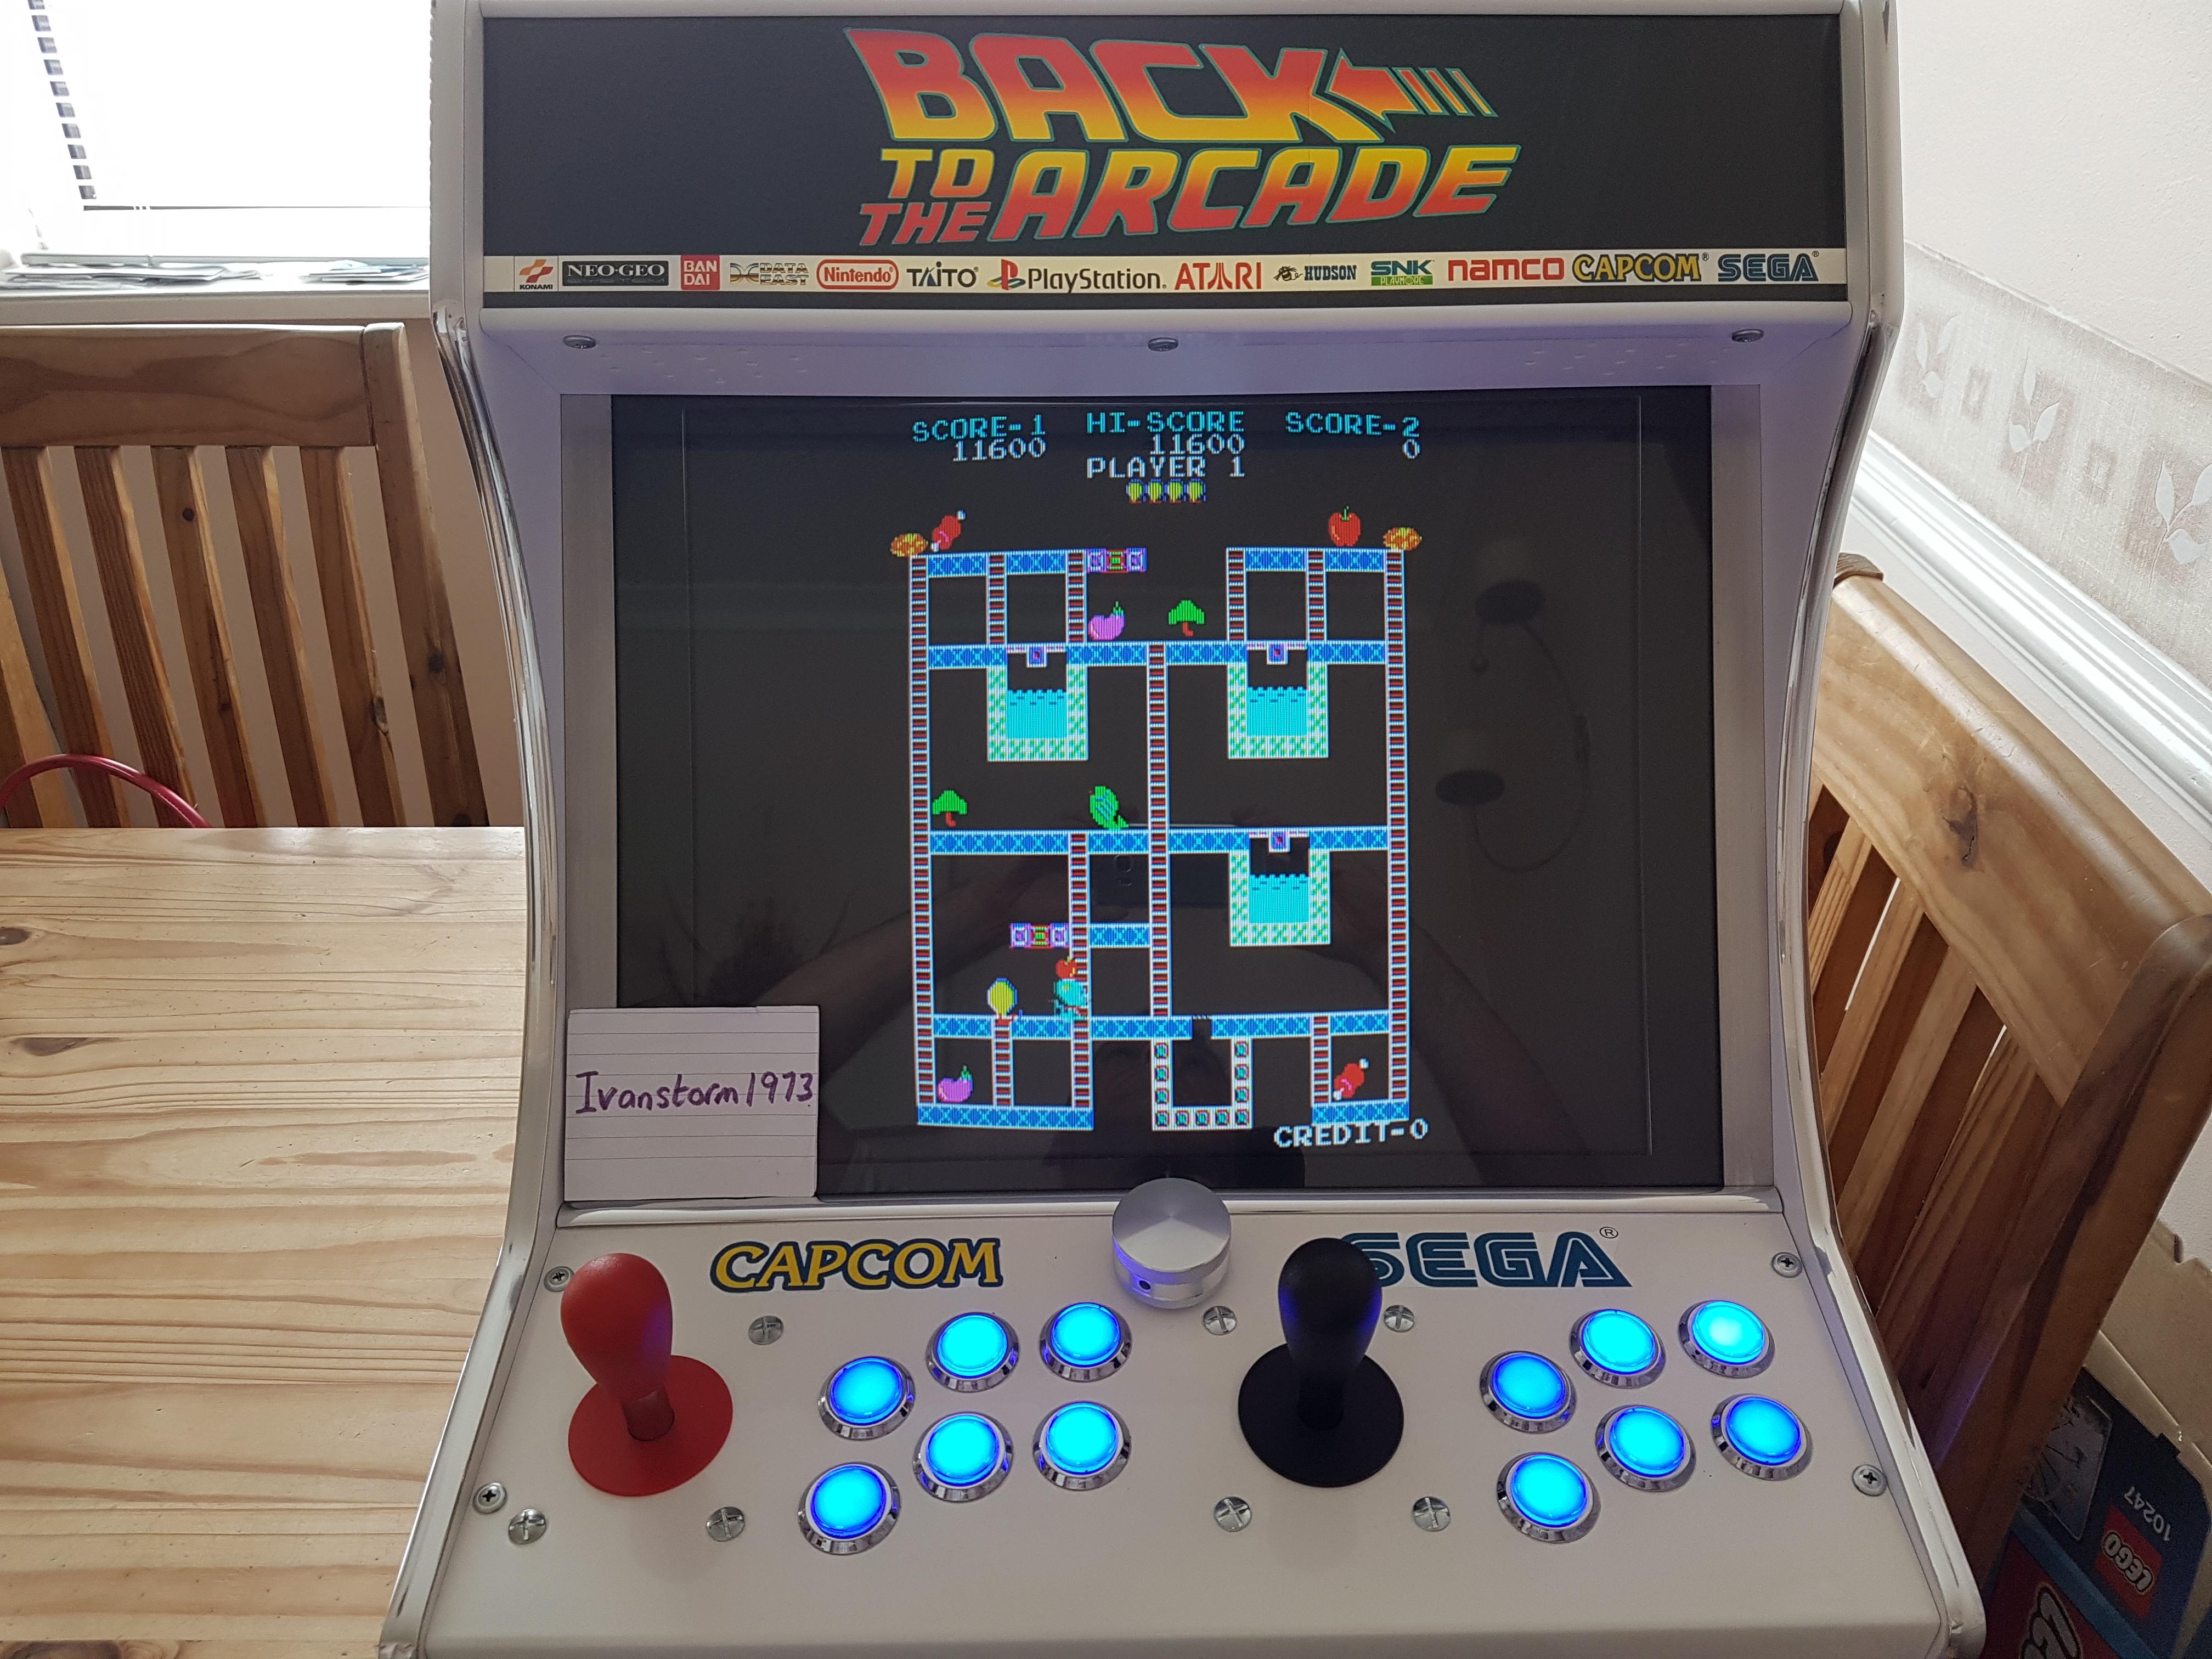 Ivanstorm1973: Super Mouse [suprmous] (Arcade Emulated / M.A.M.E.) 11,600 points on 2017-08-06 04:44:26